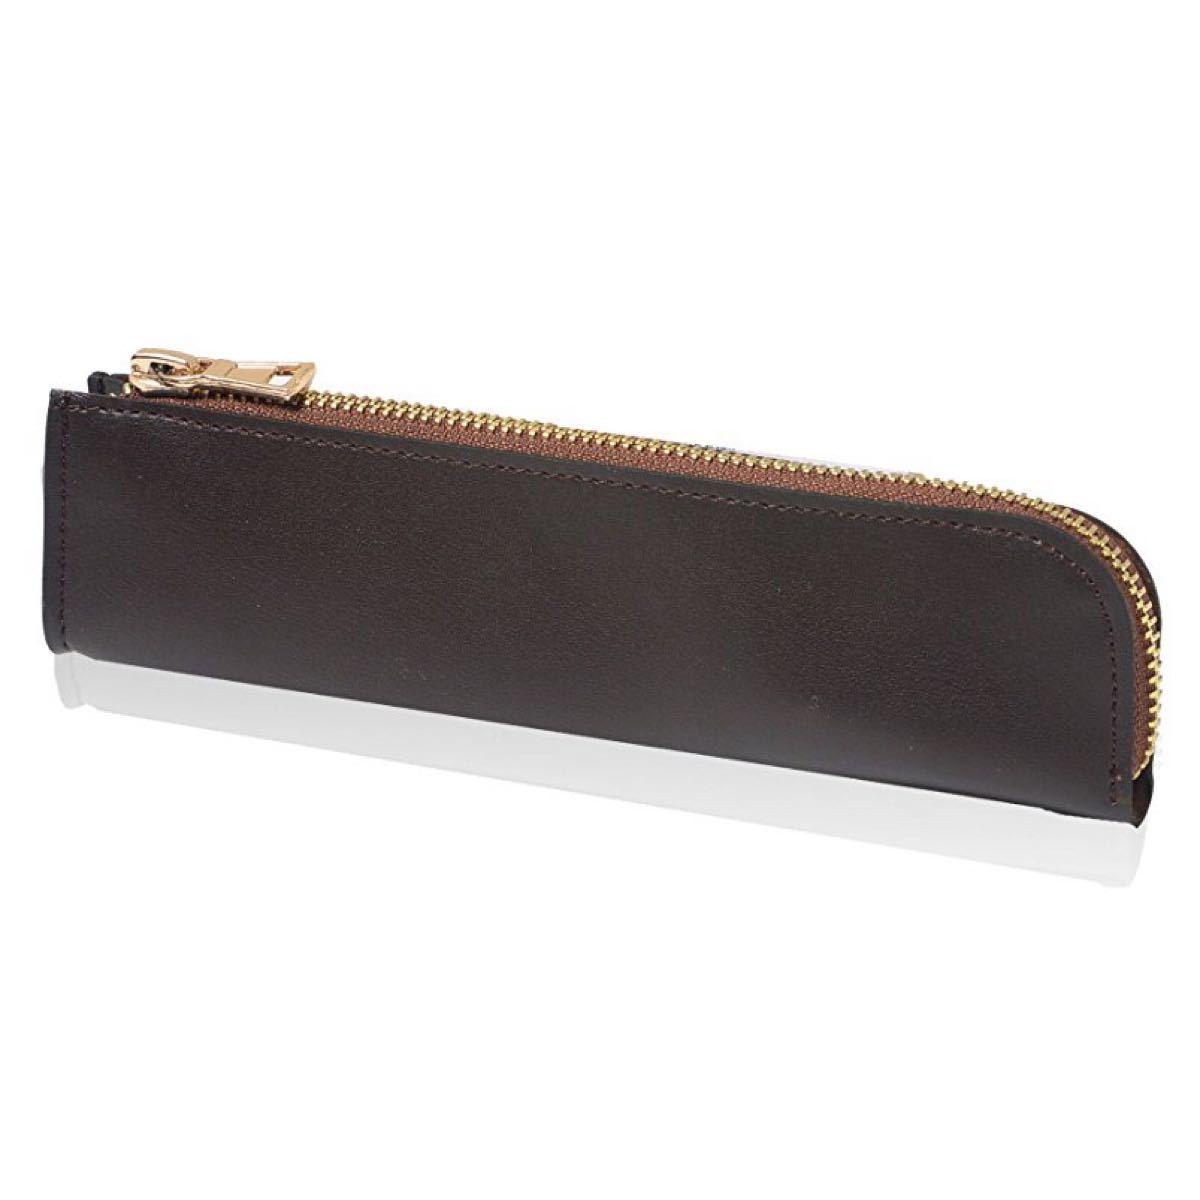 ペンケース 革 レザー 筆箱 大容量 軽量 シンプル (ダークブラウン)